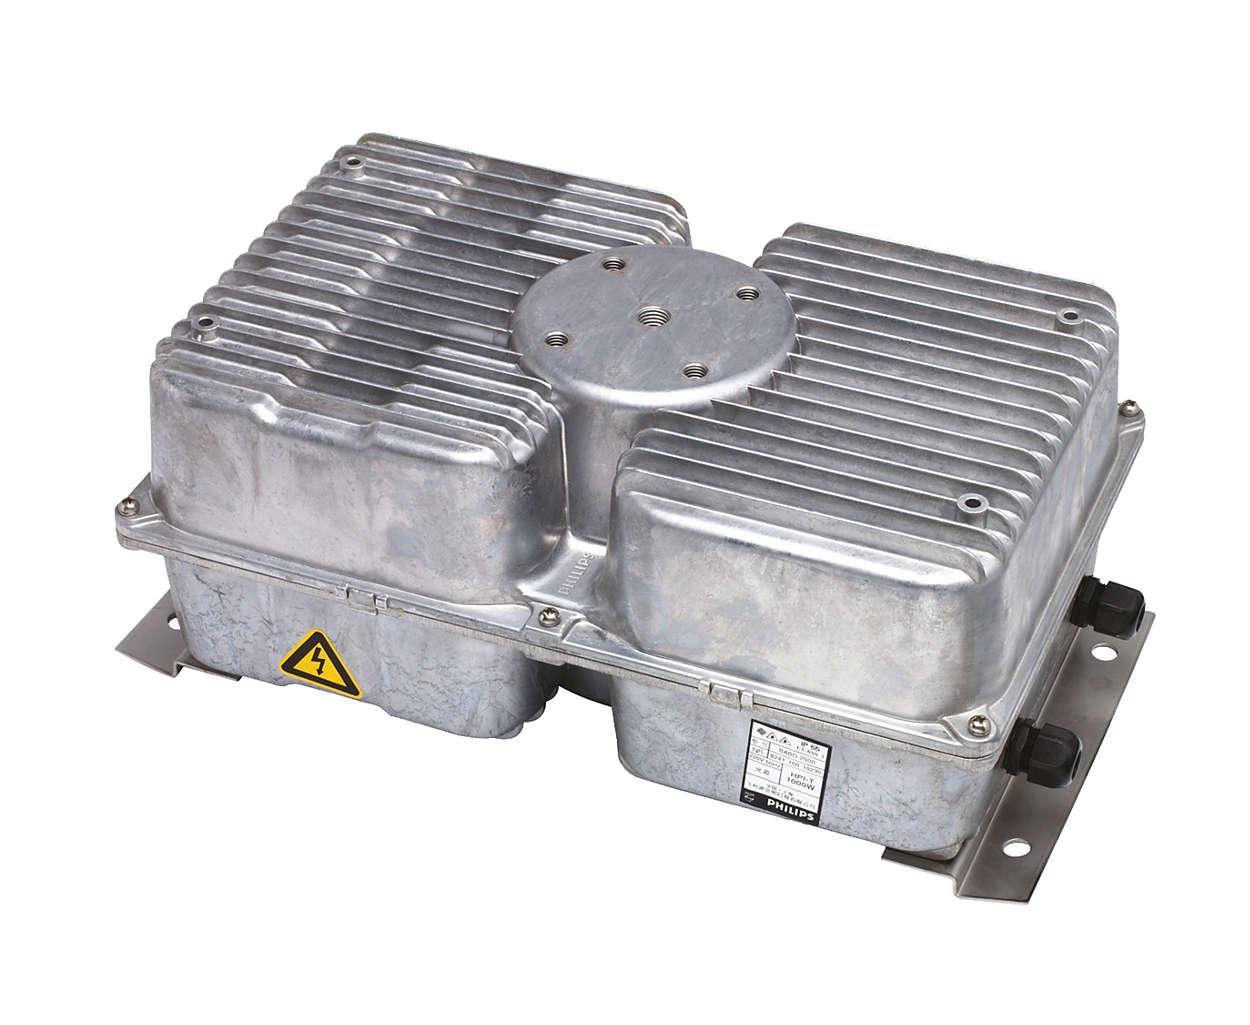 分离式电器箱 ZVF350